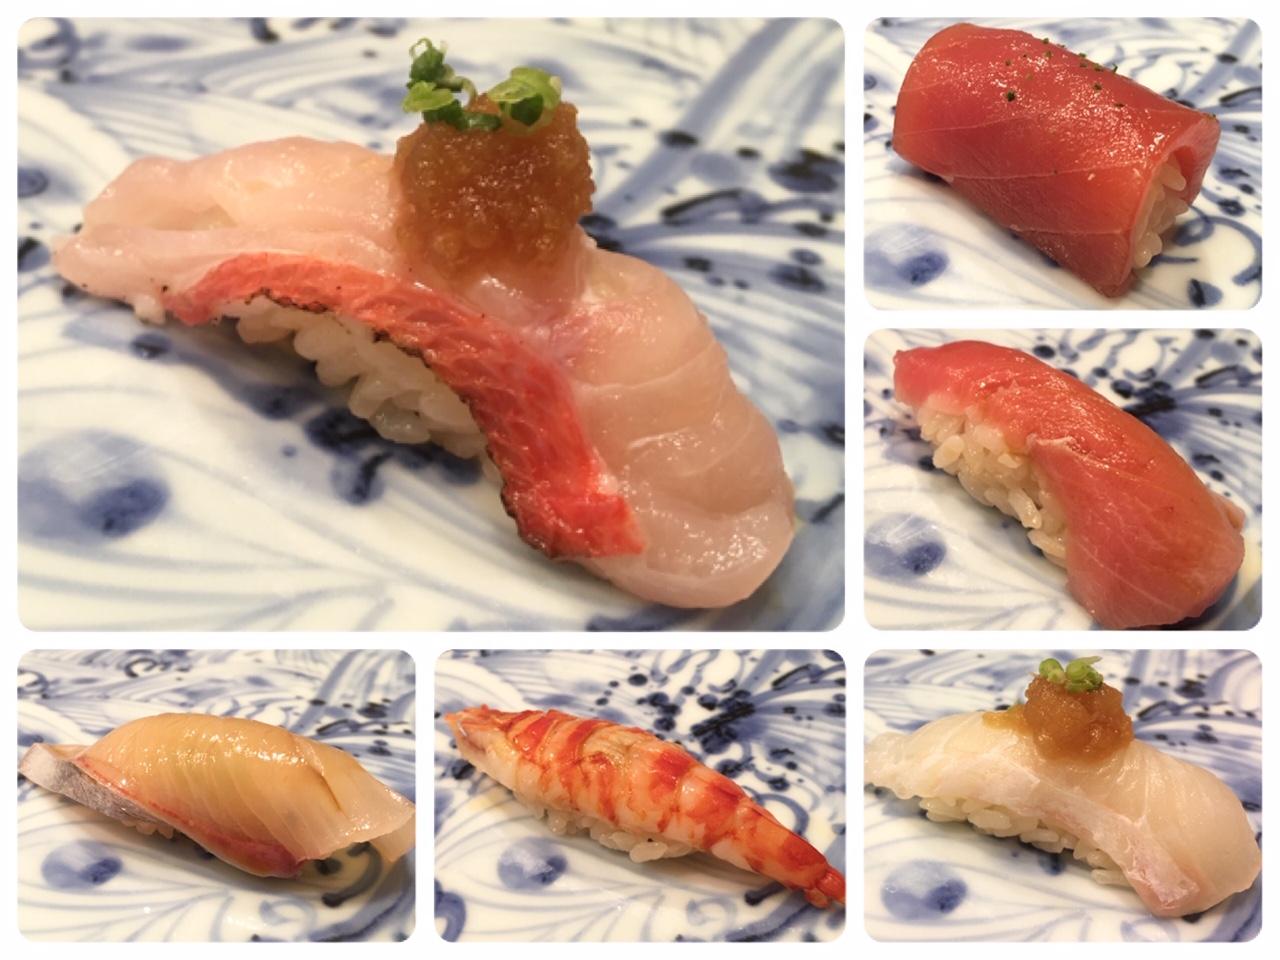 【福島 鮨処敏】カウンター寿司で母の日